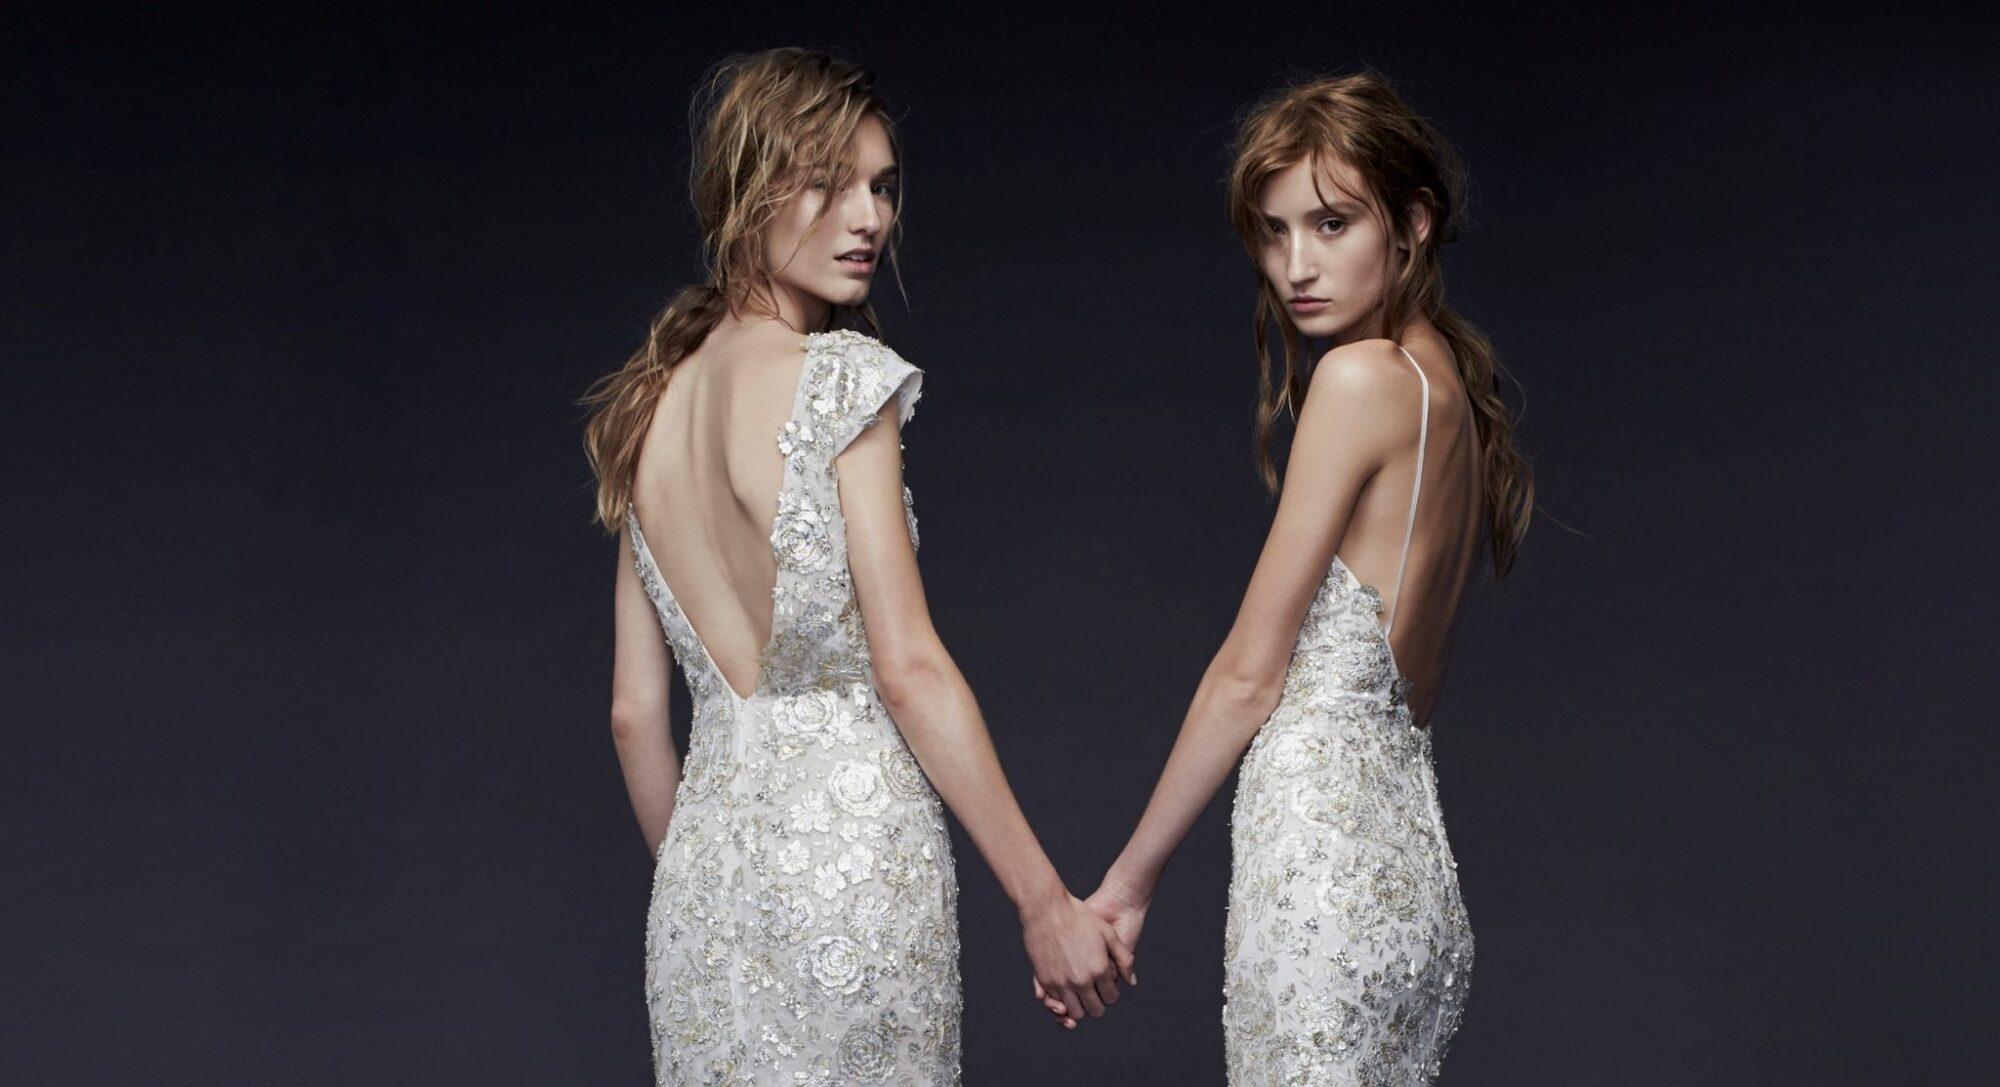 VERA WANG FALL 2015 BRIDAL COLLECTION